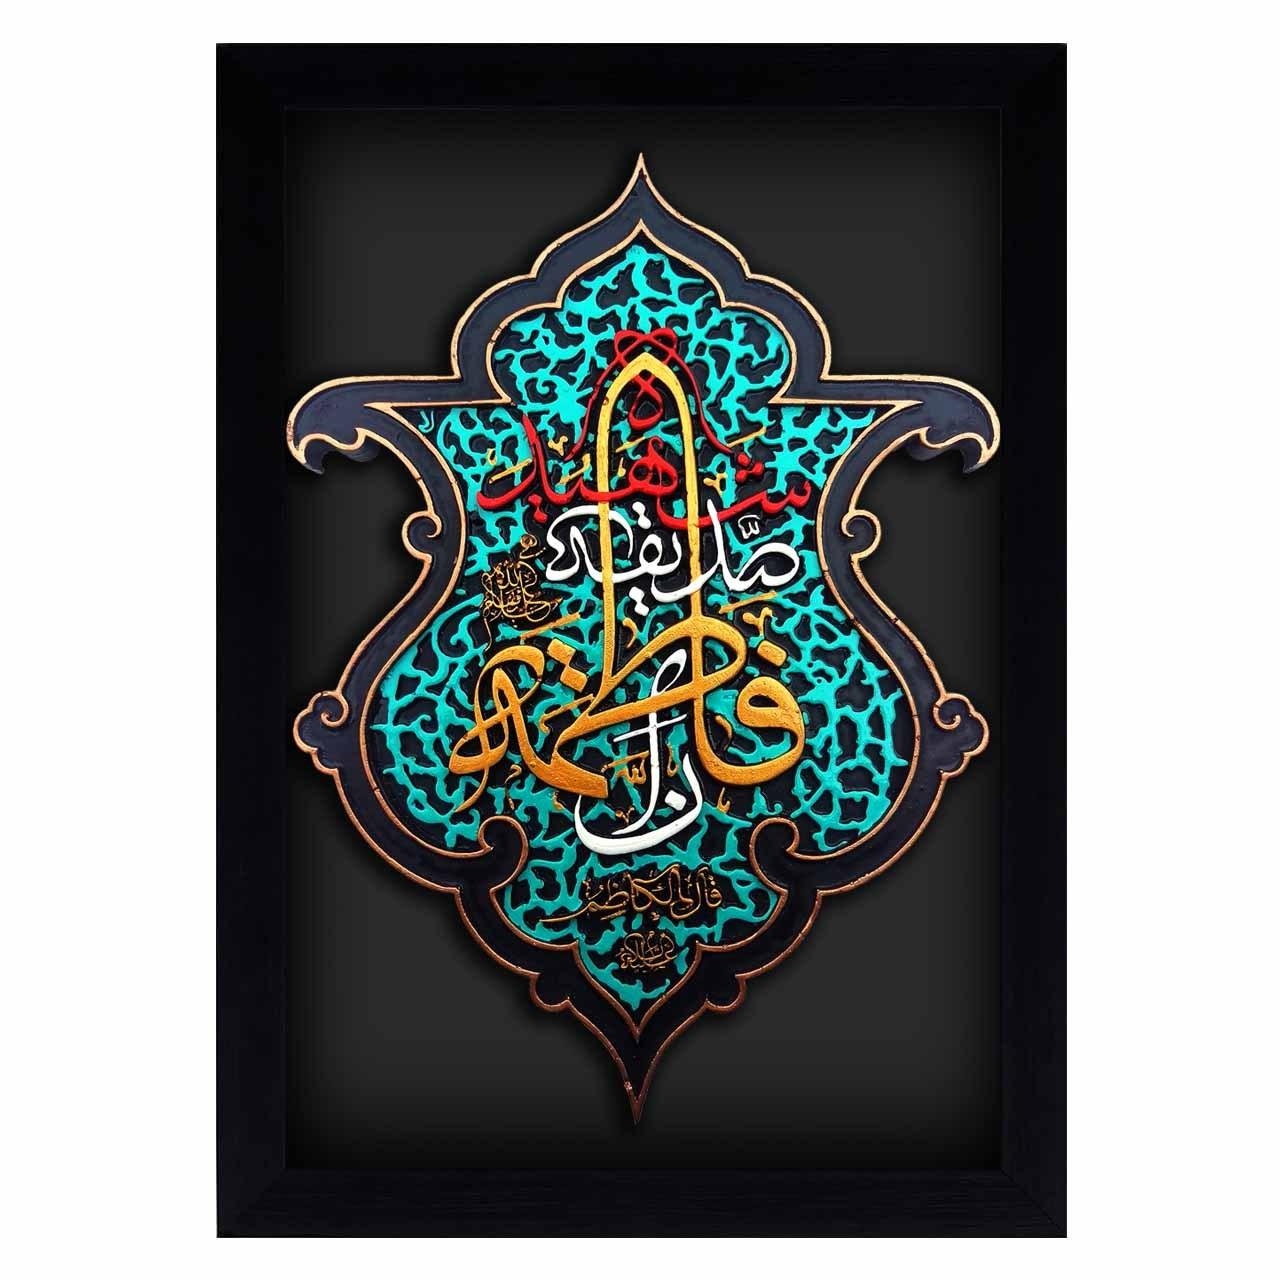 عکس کتیبه  نقش برجسته لوح هنر طرح فاطمه صدیقه شهیده کد 136